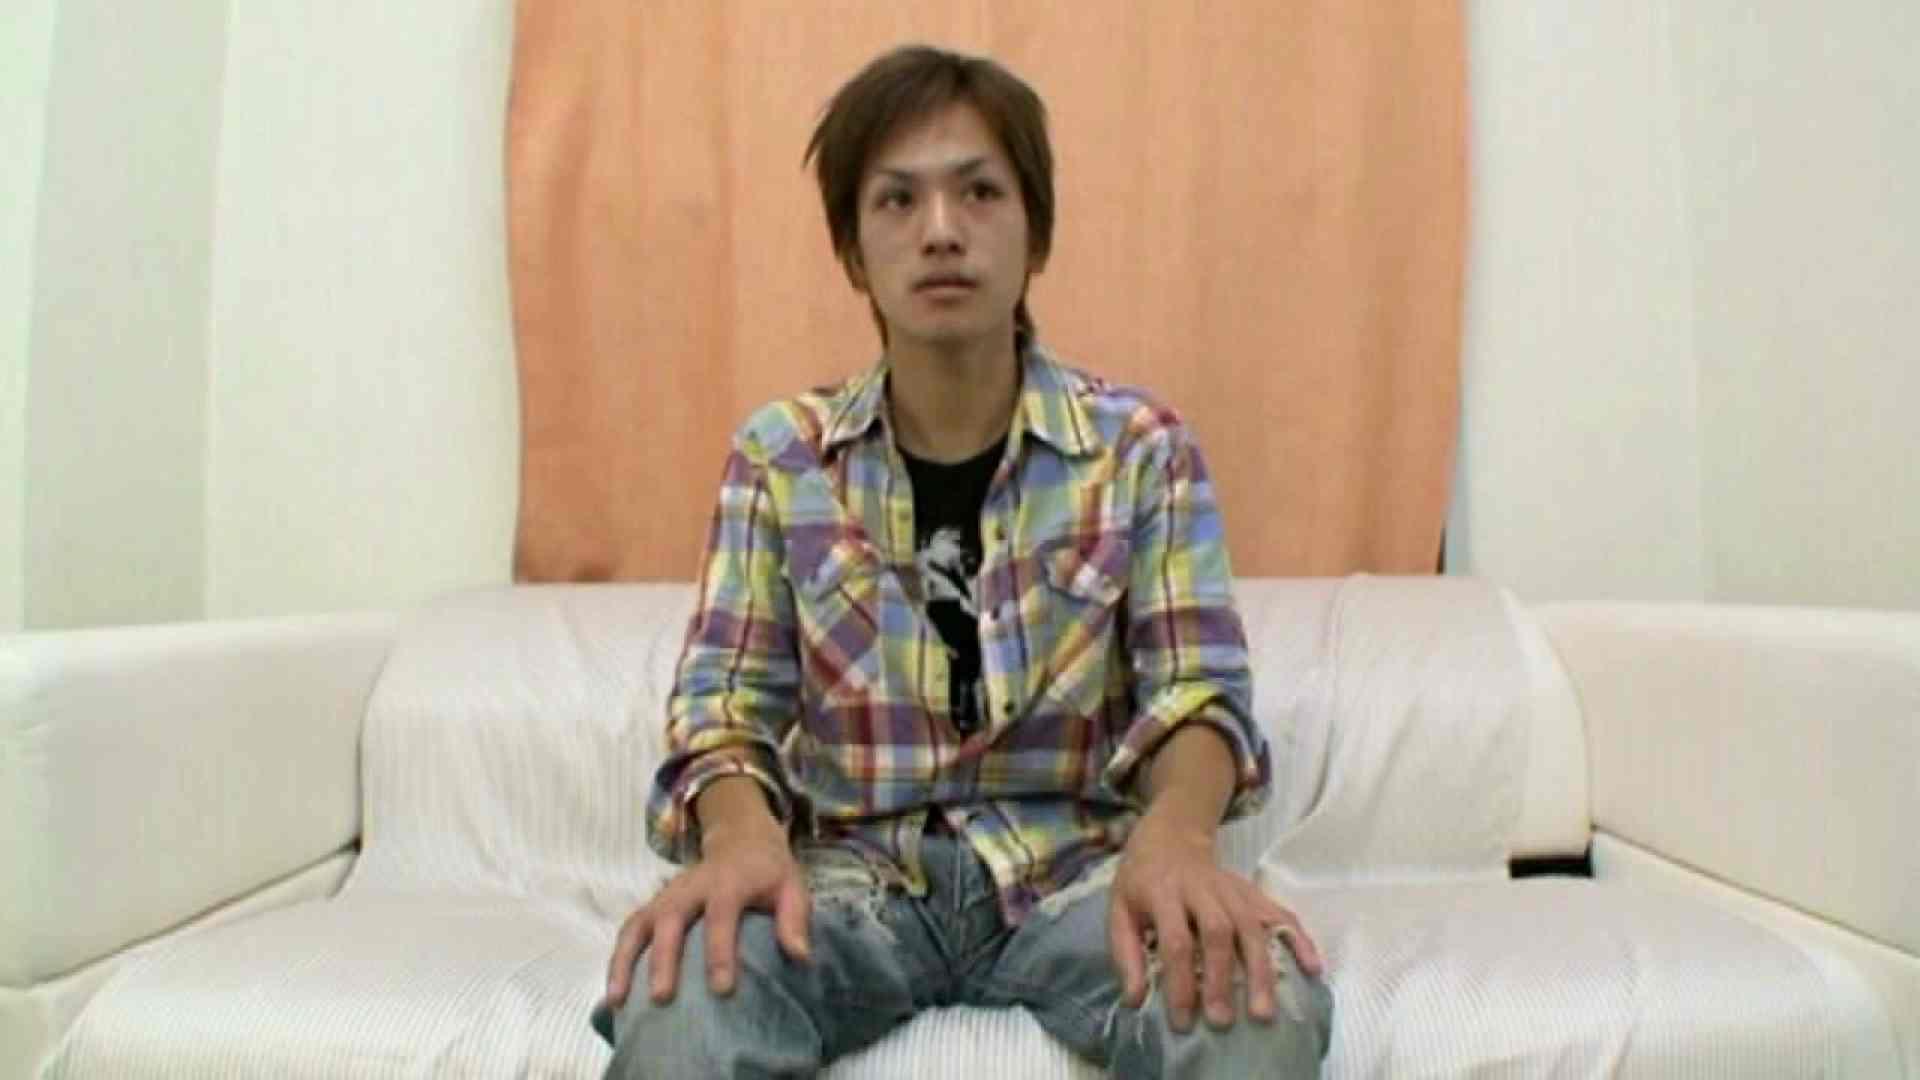 ノンケ!自慰スタジオ No.03 男・男 ゲイエロビデオ画像 101pic 5